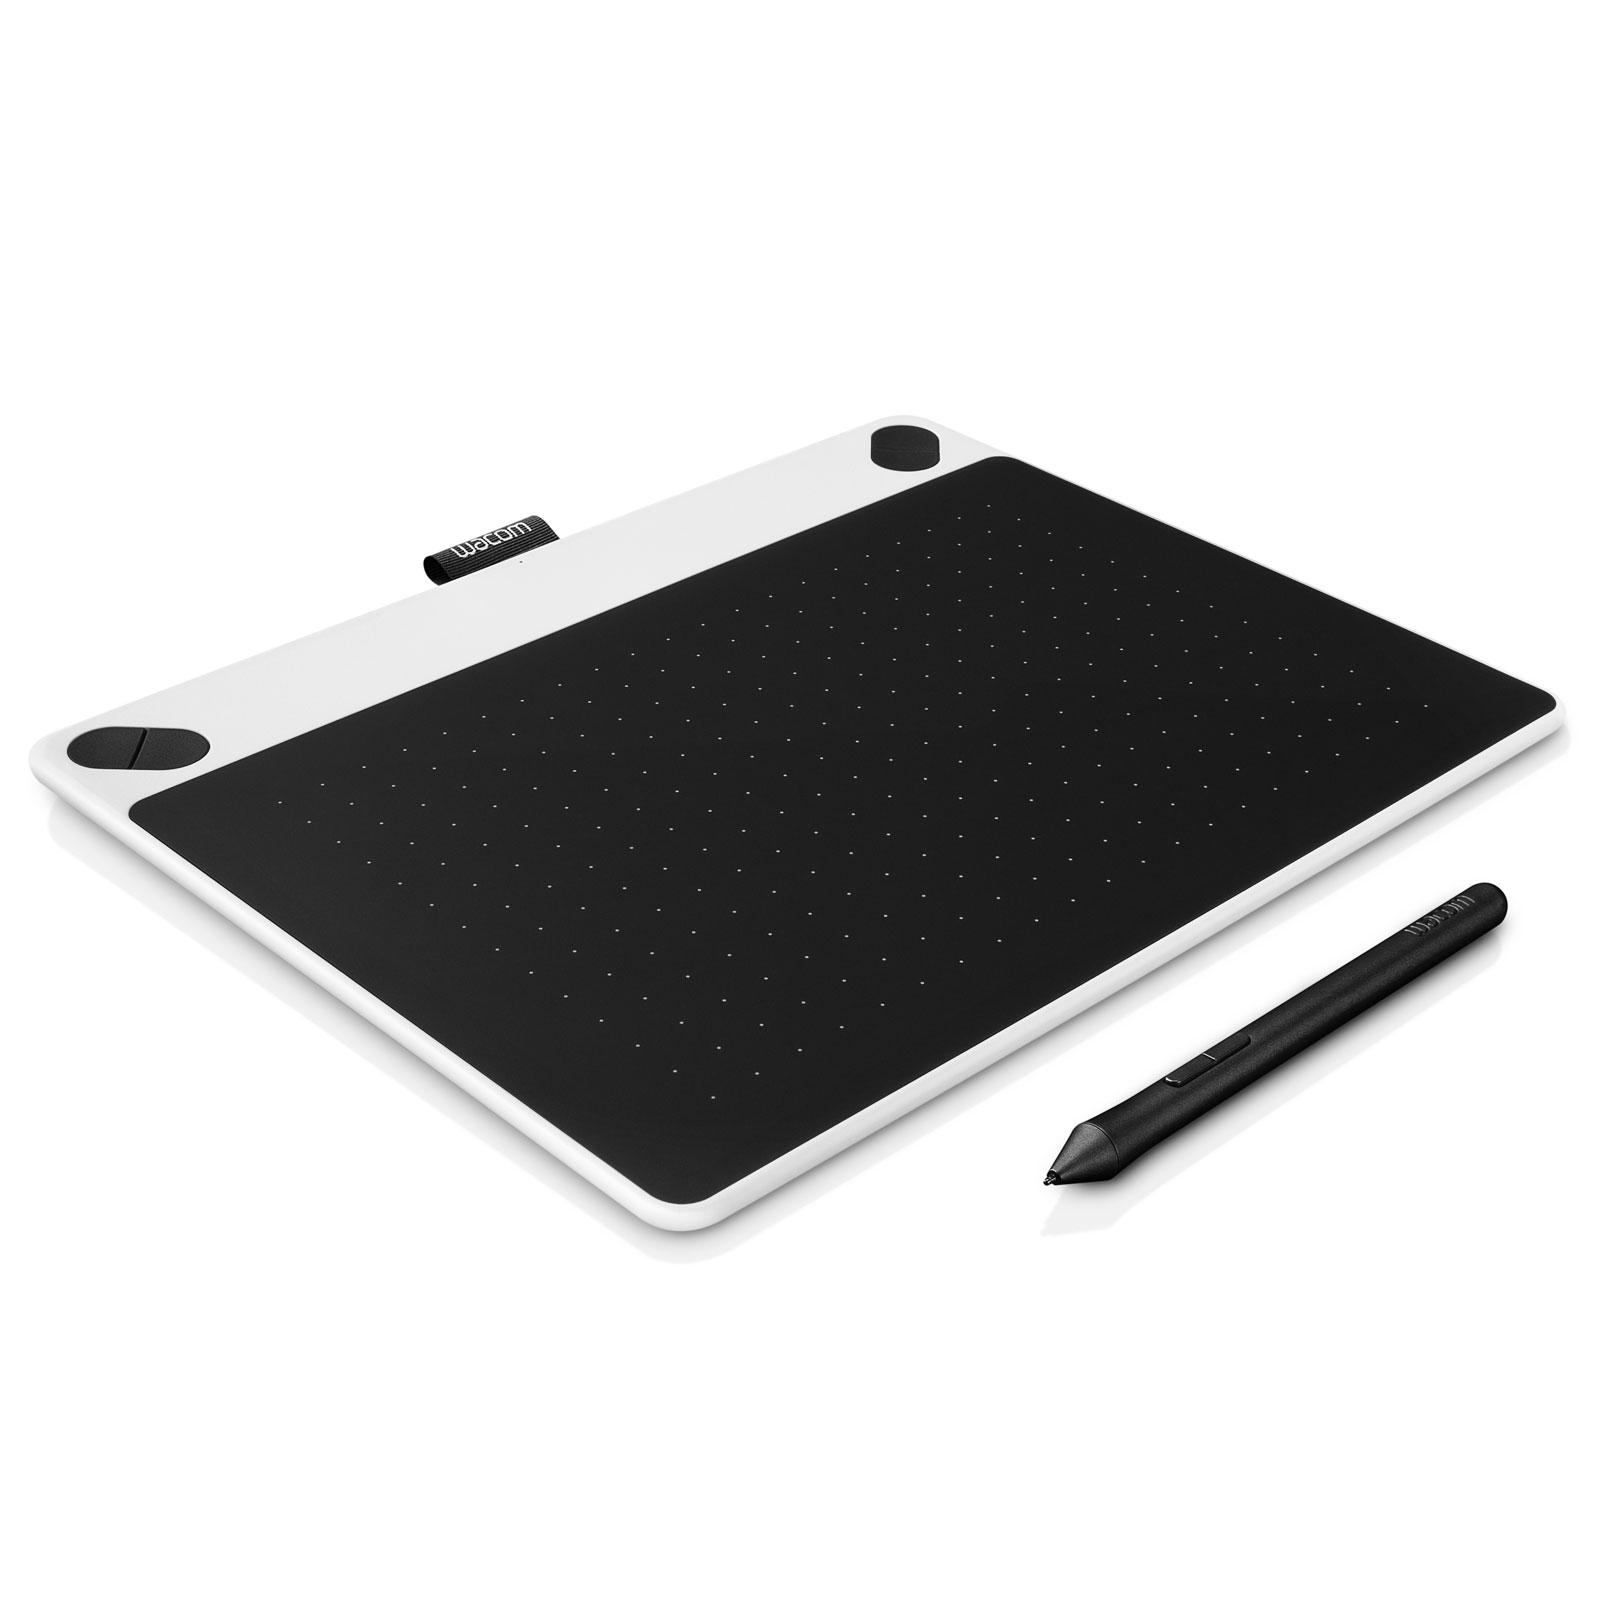 Wacom Intuos Draw Small - Tablette graphique Wacom - Cybertek.fr - 2